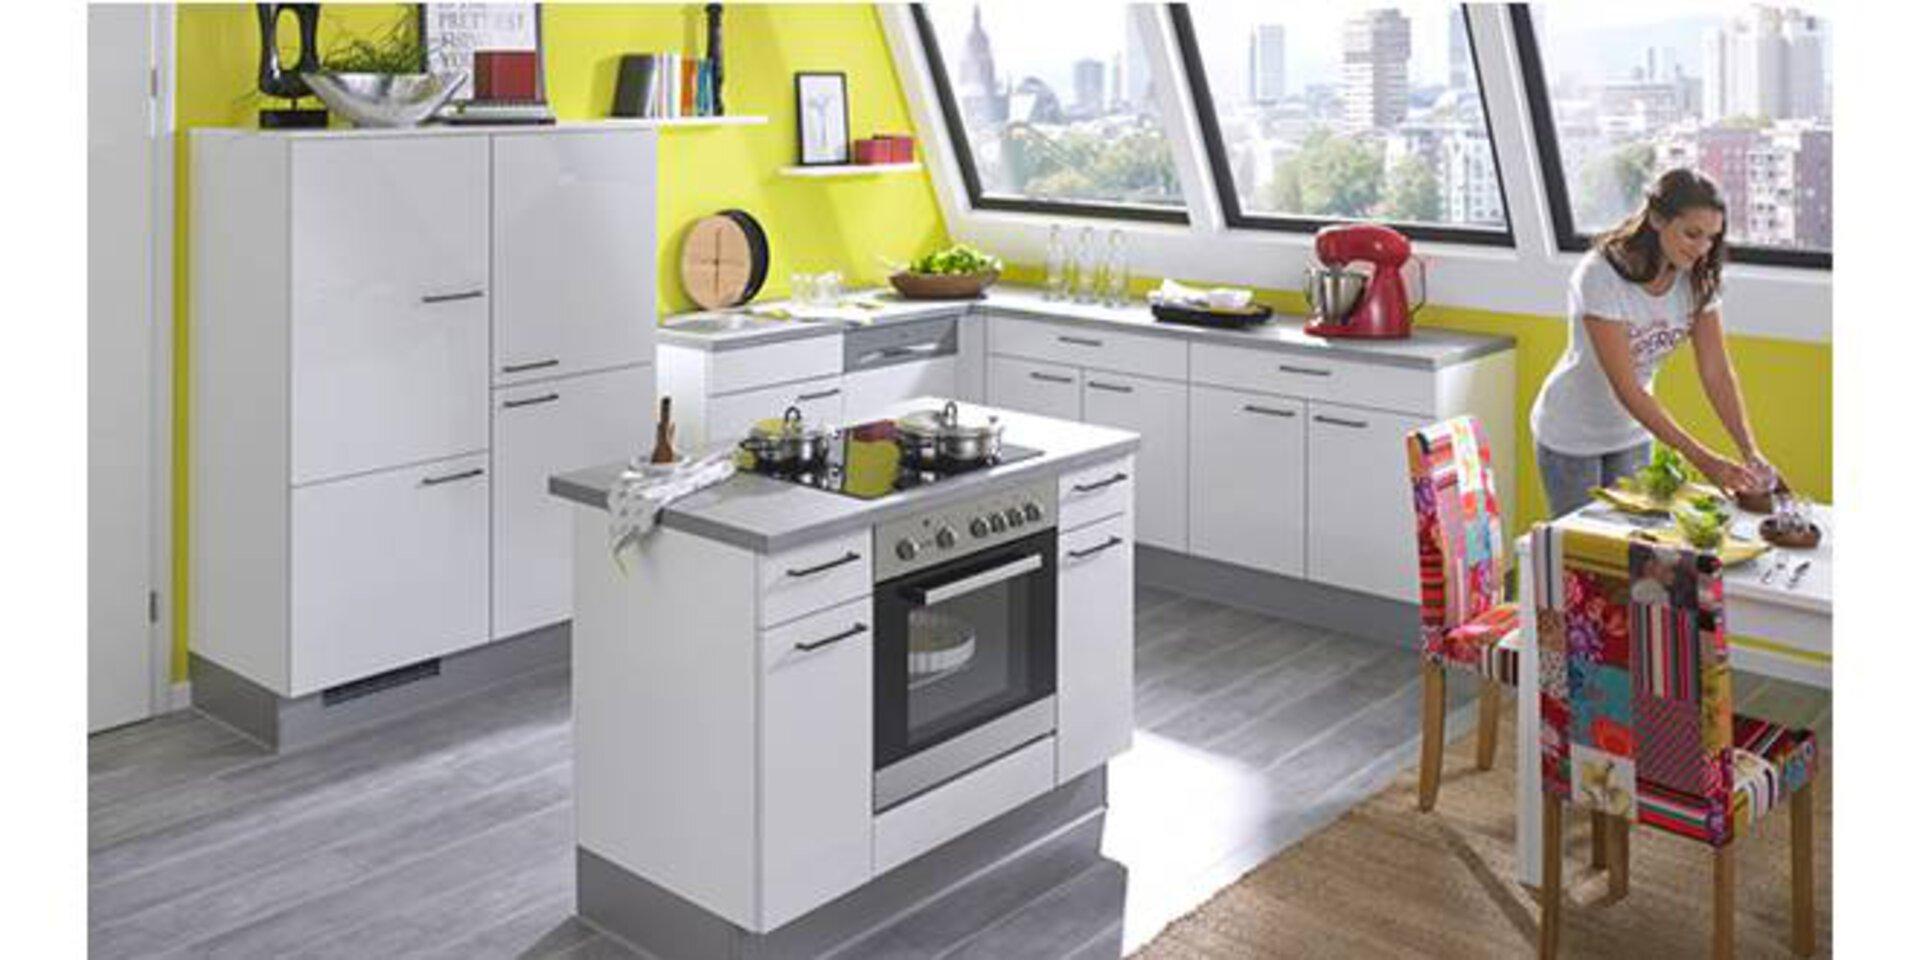 Kleine Kücheninsel mit eingebautem Backofen in einer Dachgeschosswohnung dient als Titelbild für Kompaktküchen.